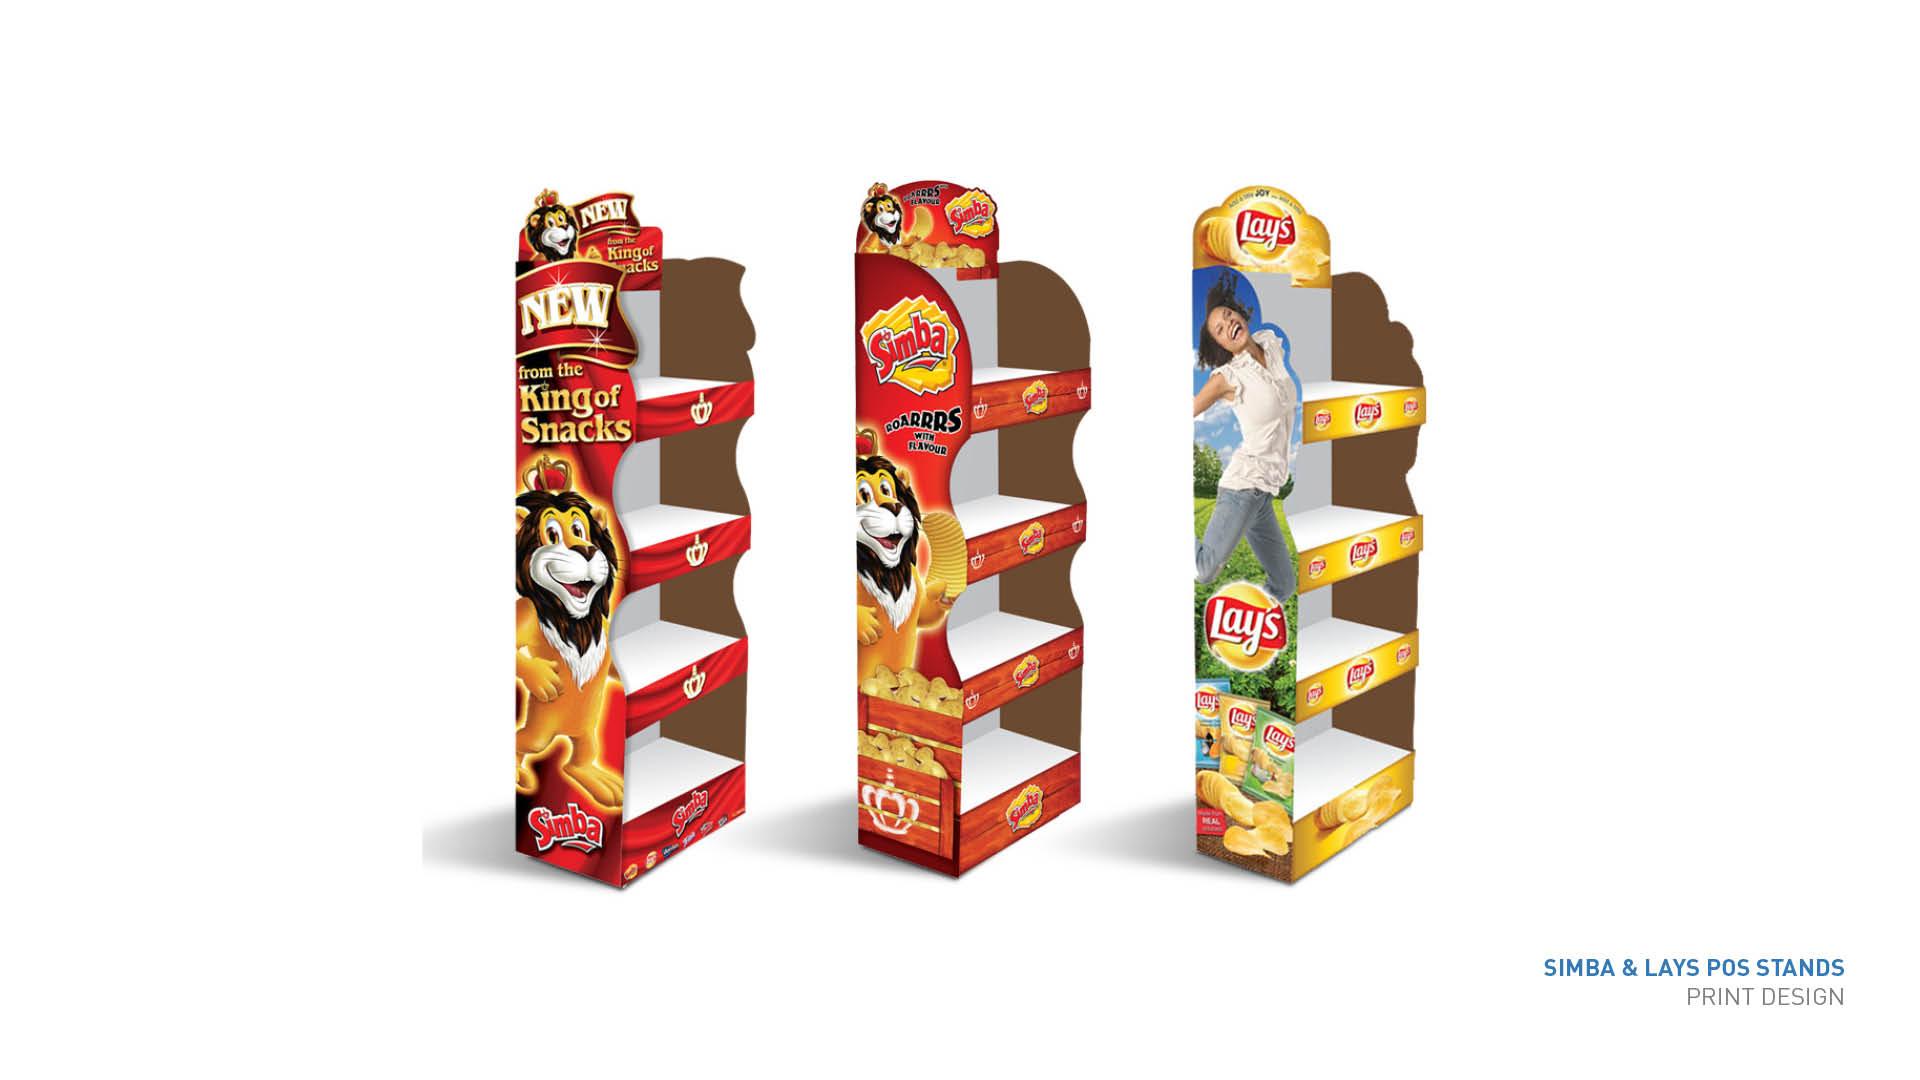 Simba merchandising stands